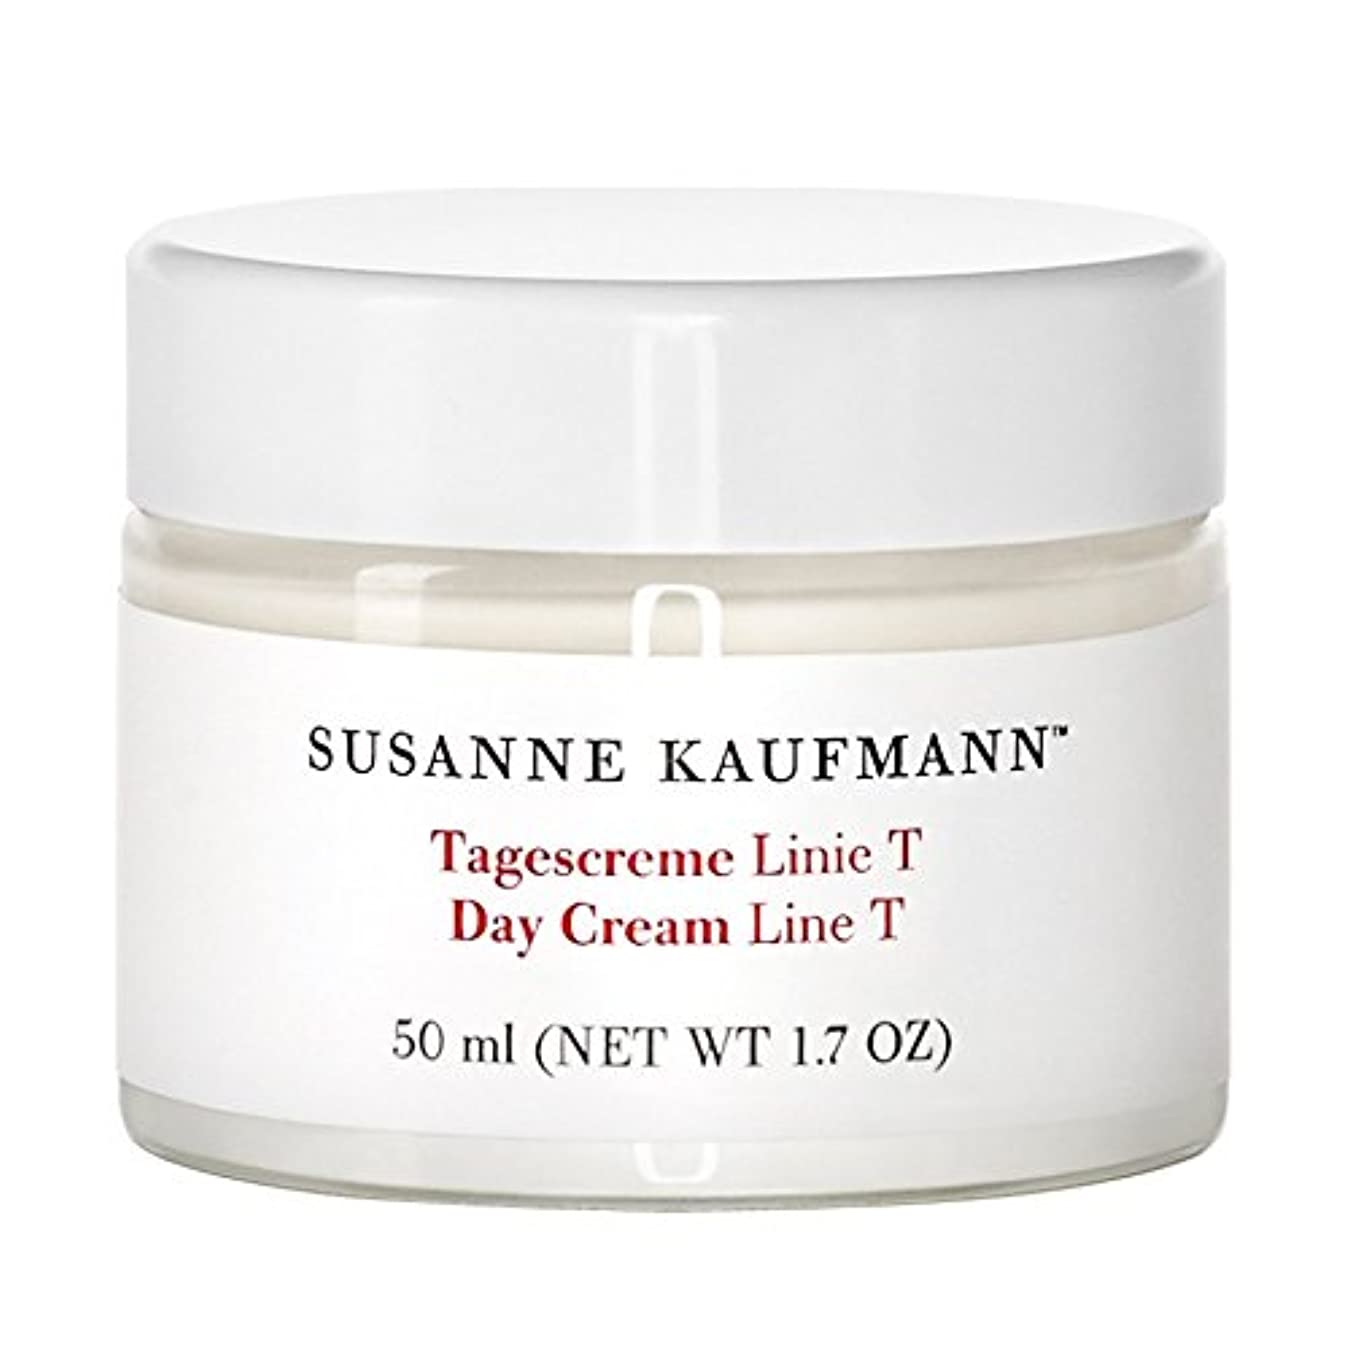 トレード列挙する予測するSusanne Kaufmann Day Cream Line T 50ml - スザンヌカウフマン日クリームライントンの50ミリリットル [並行輸入品]